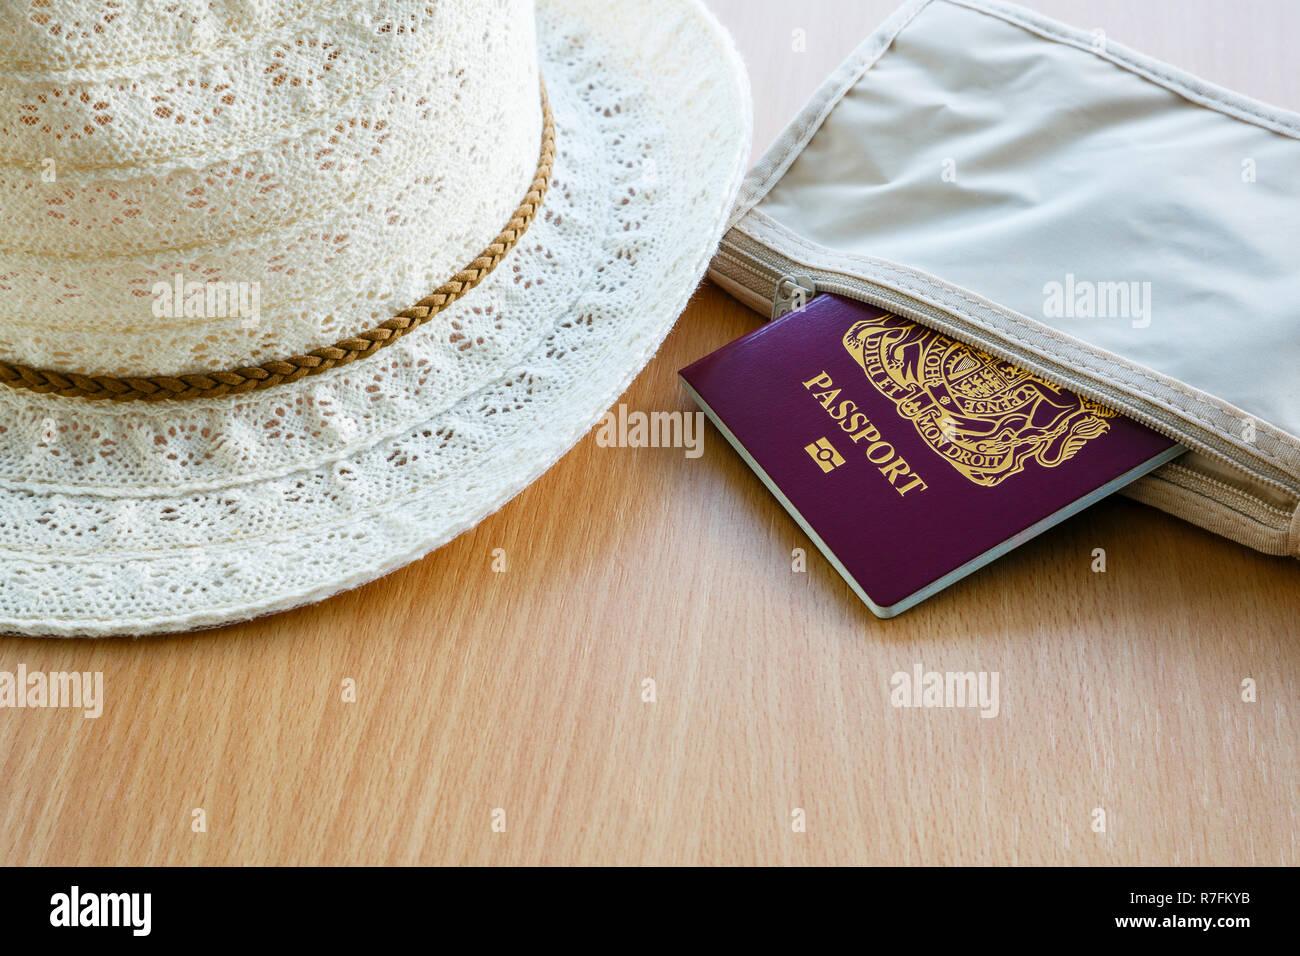 Les choses pour se rendre à l'étranger passeport biométrique britannique dans un portefeuille avec chapeau de femme sur une table. En Angleterre, Royaume-Uni, Angleterre Banque D'Images